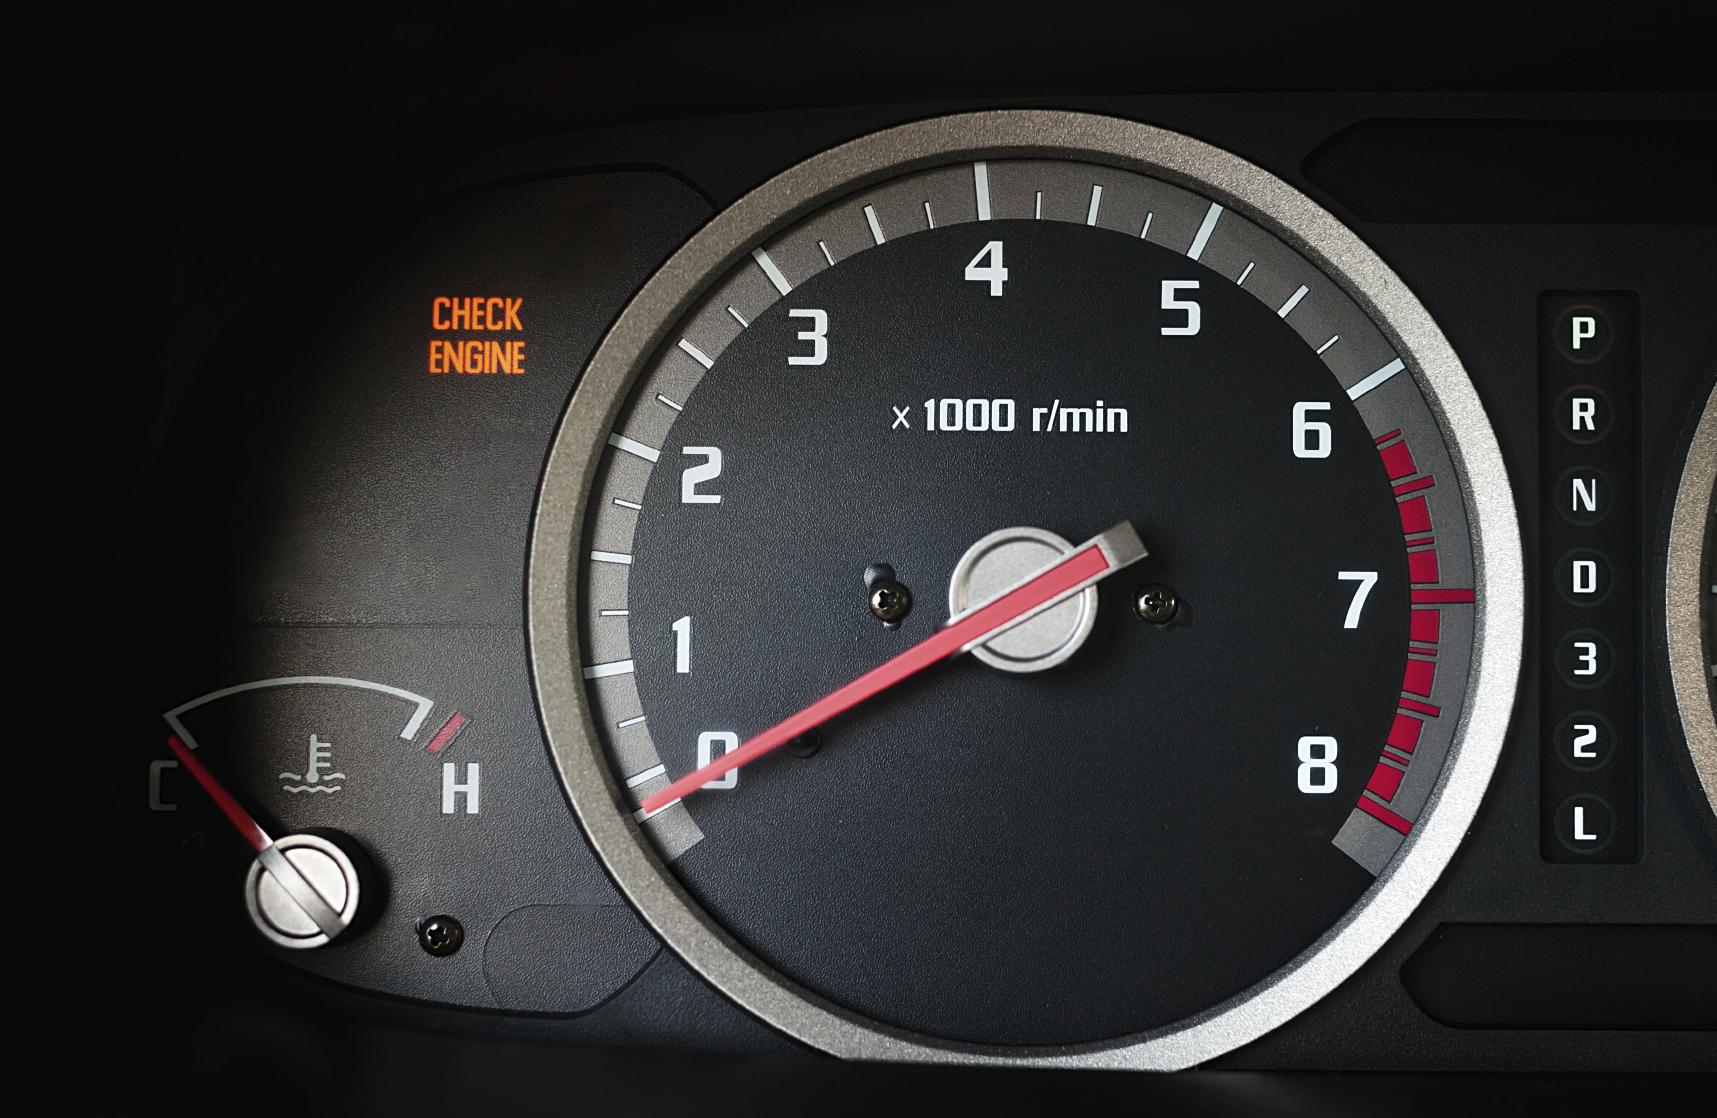 Check Engine Light Scan In Skokie, IL